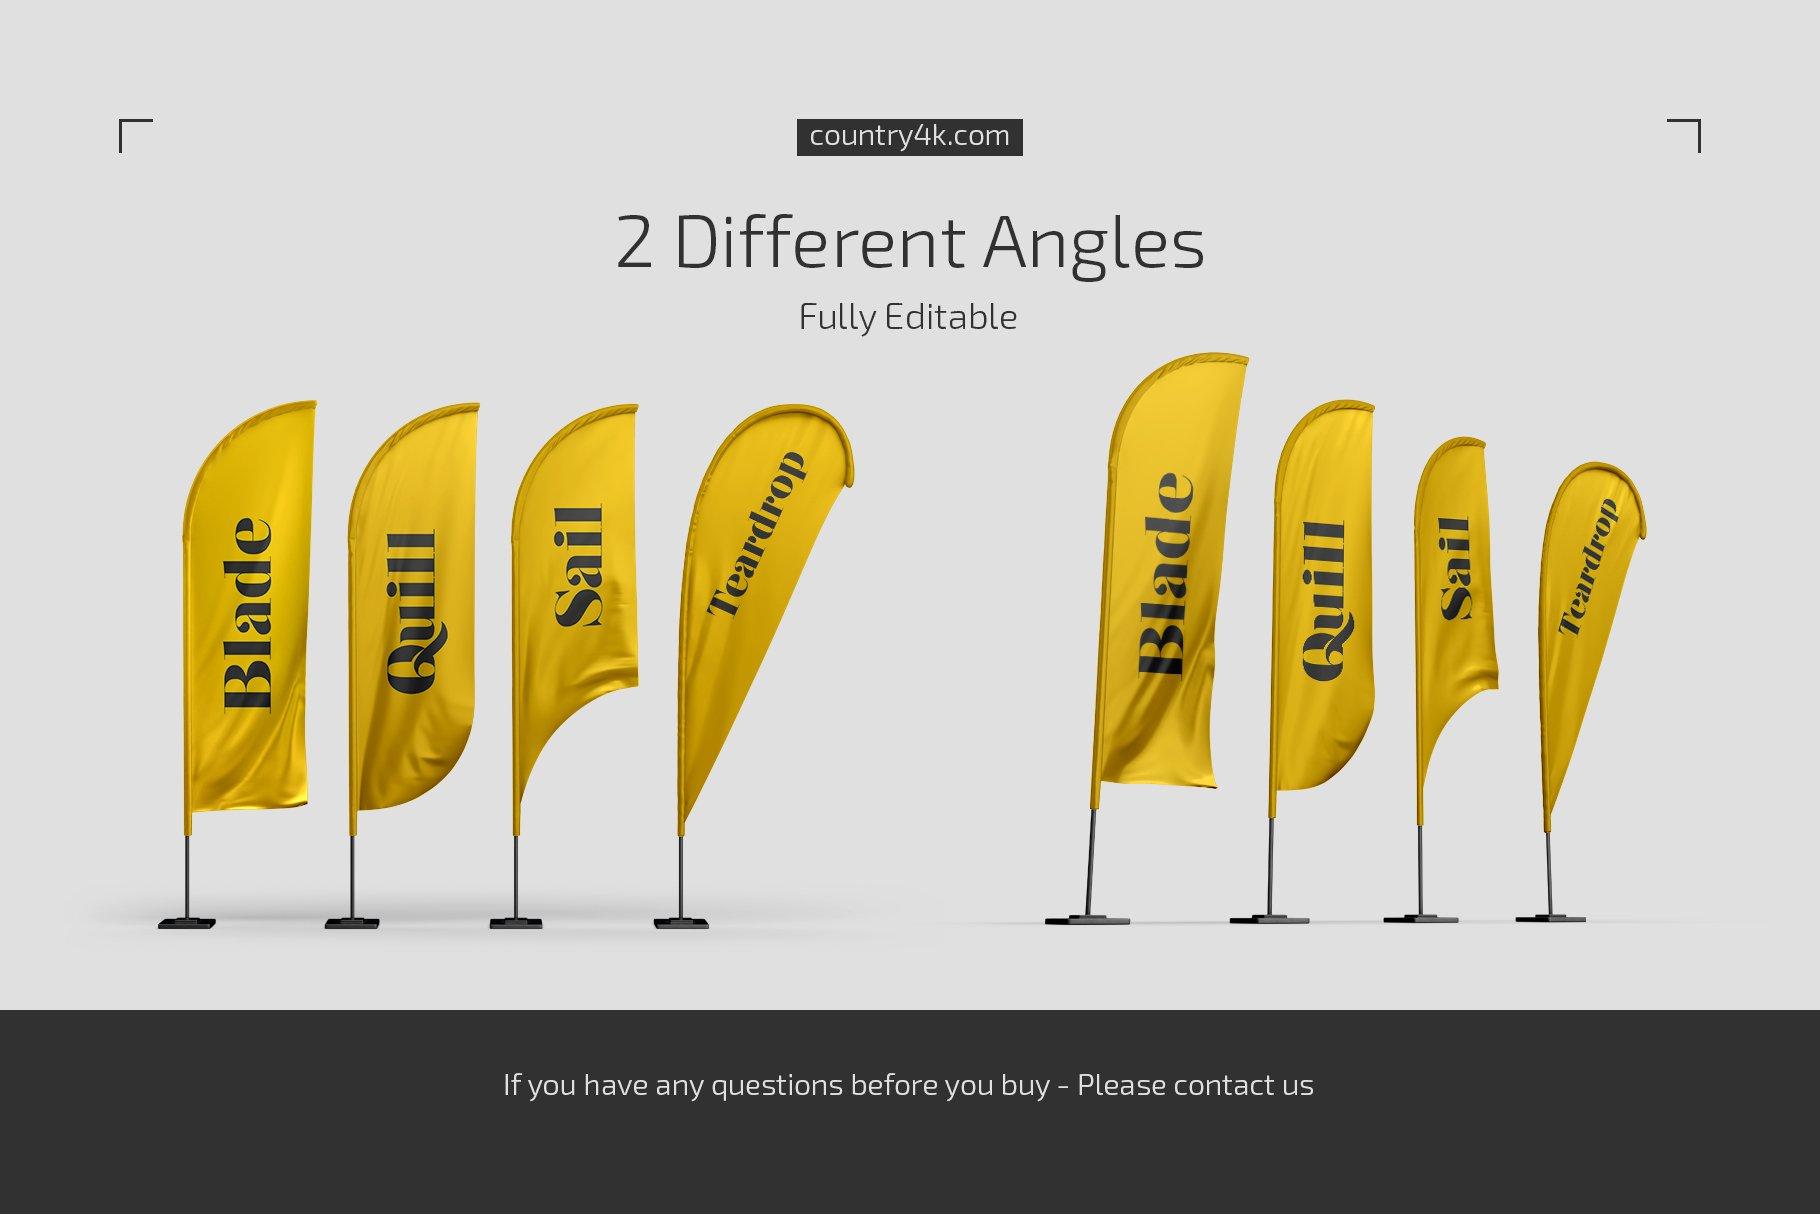 羽毛旗帜设计展示贴图样机模板合集 Feather Flags Mockup Set插图3